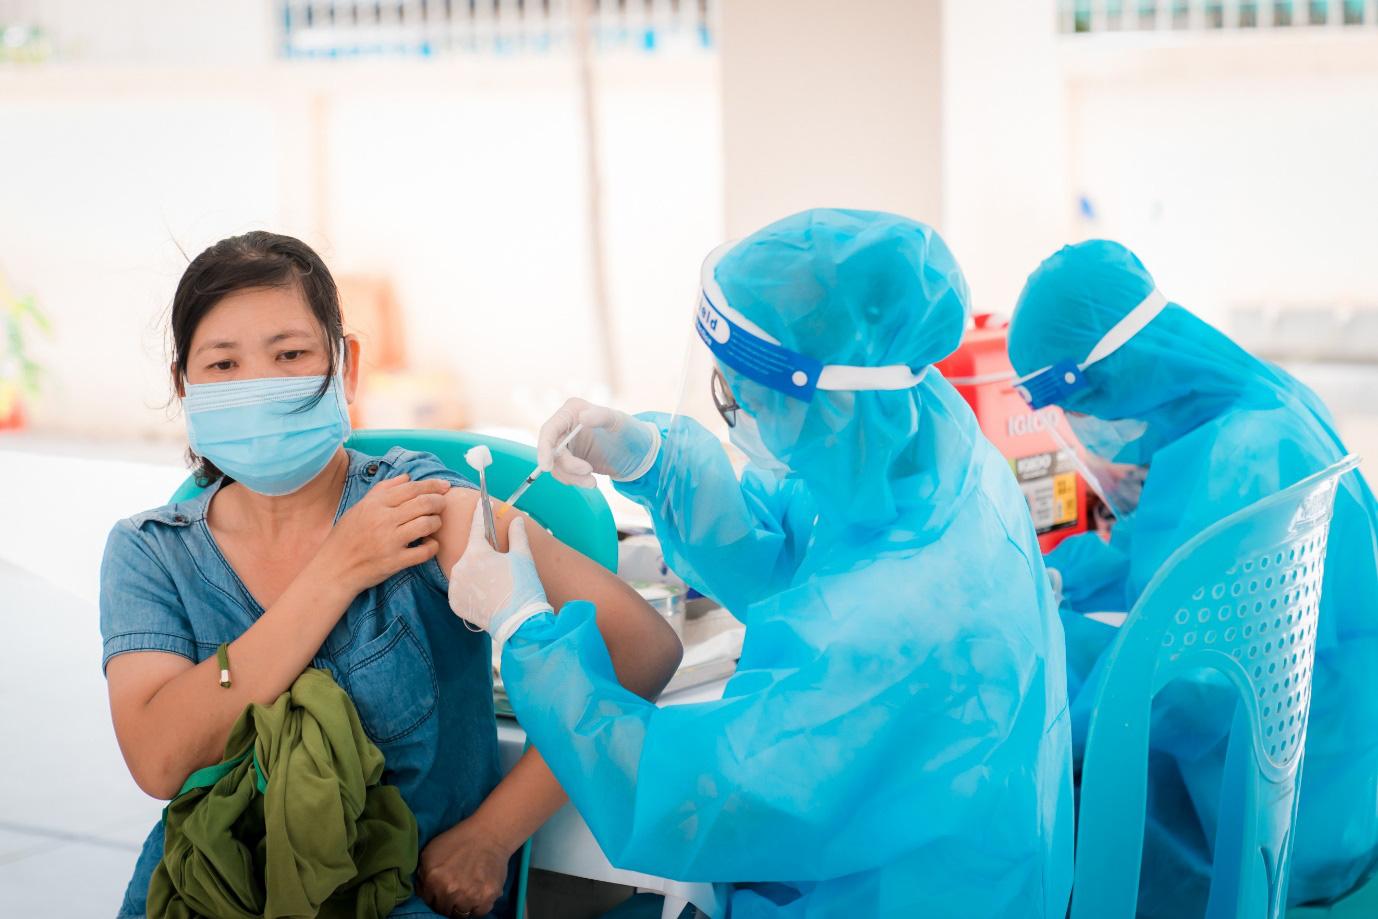 Khi nào nên uống thuốc hạ sốt sau tiêm vaccine Covid-19? - Ảnh 2.